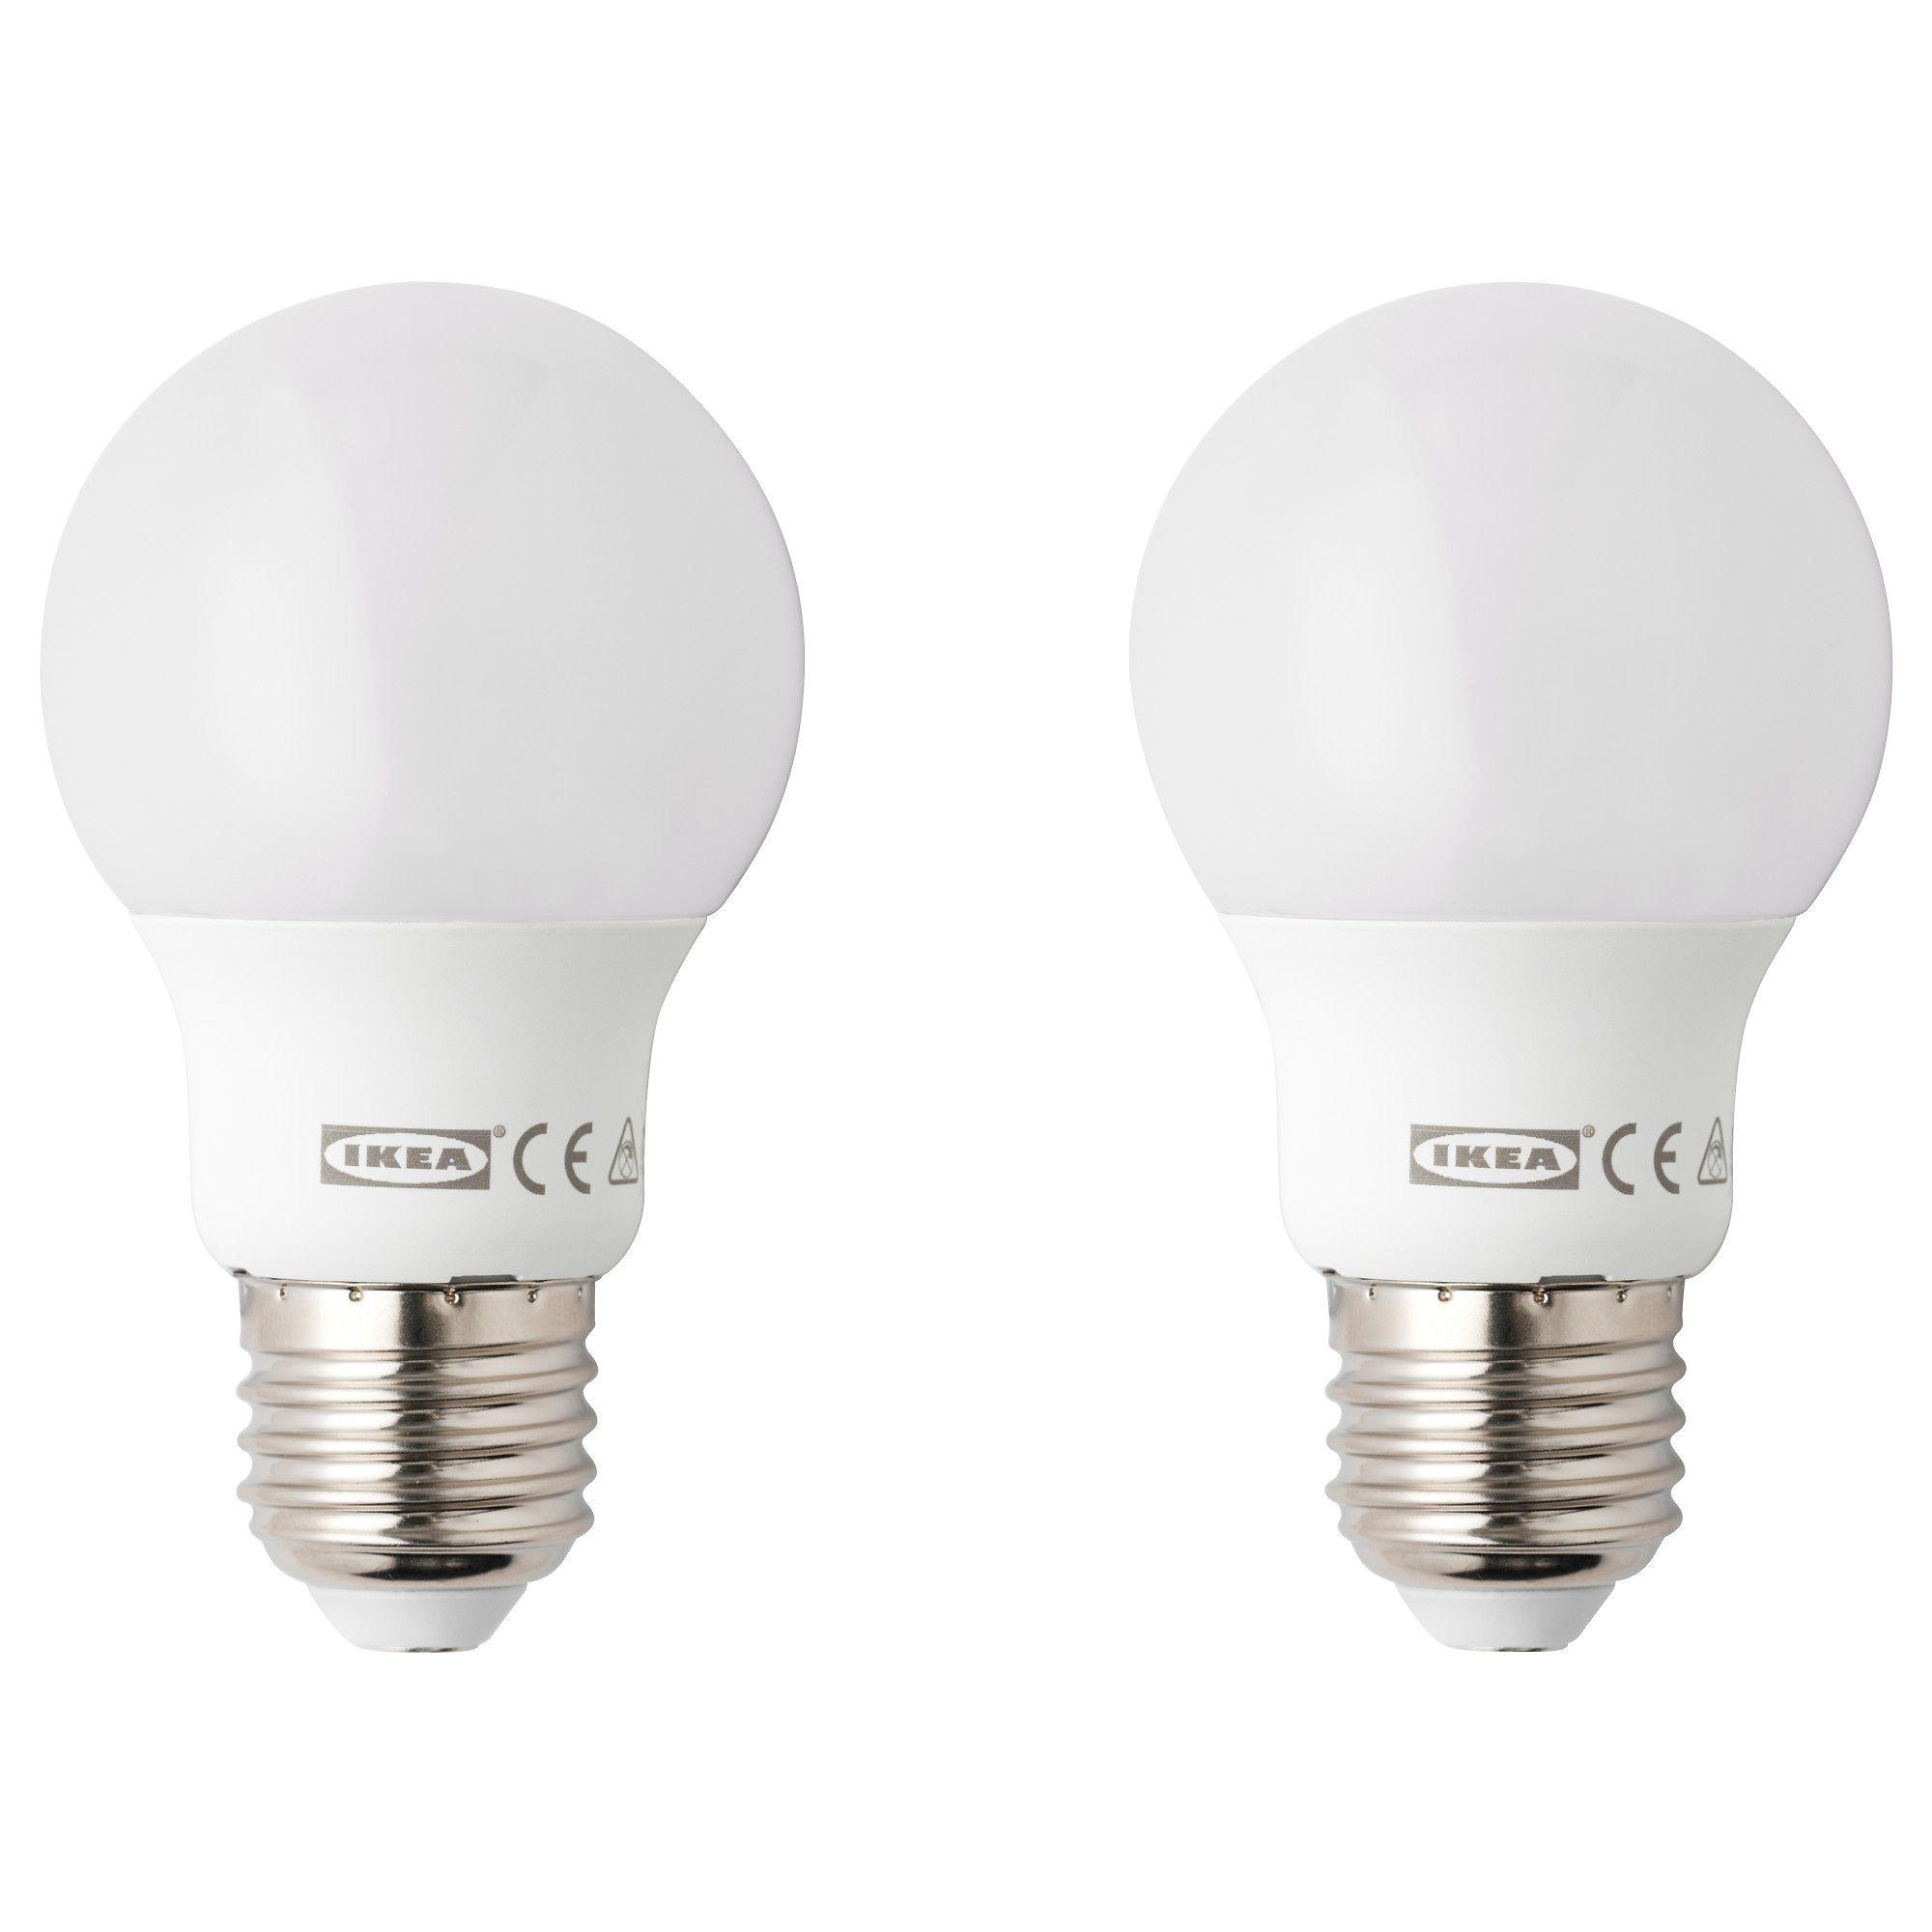 IKEA RYET LED bulb E27 400 lumen | Home- General | Pinterest | Light ...